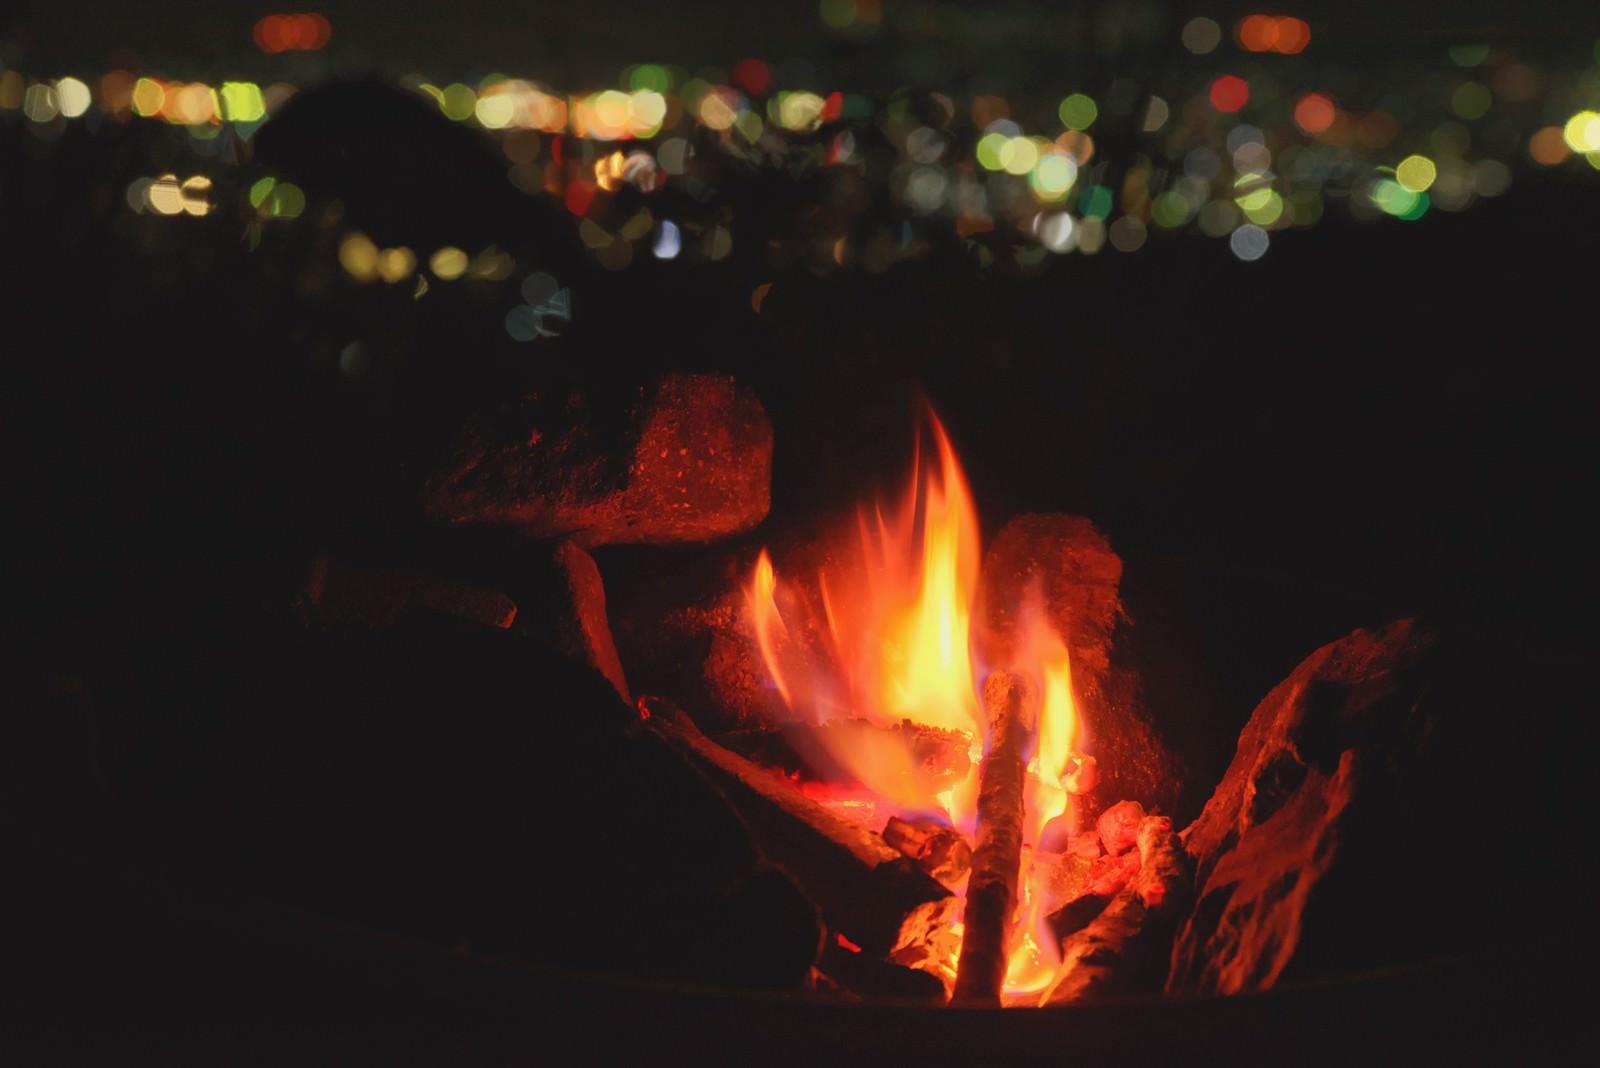 「よく燃えるたき火」の写真